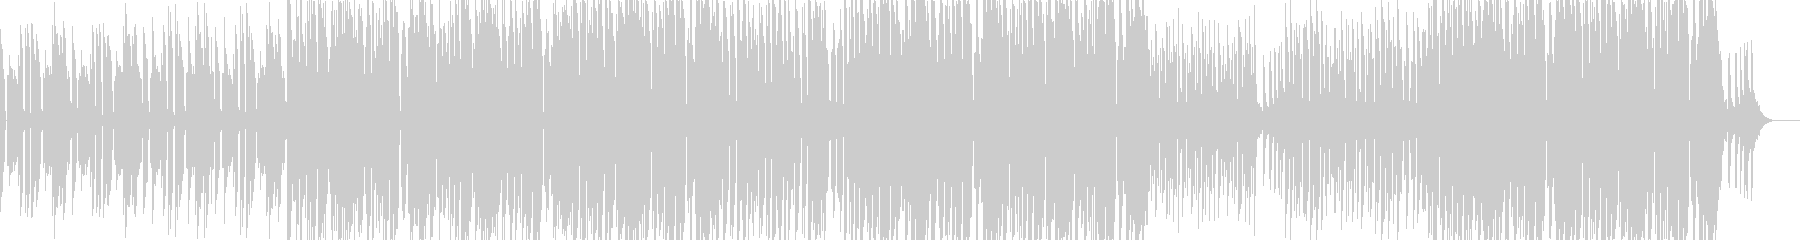 ベースラインのうねりとグルーヴ感により…の未再生の波形